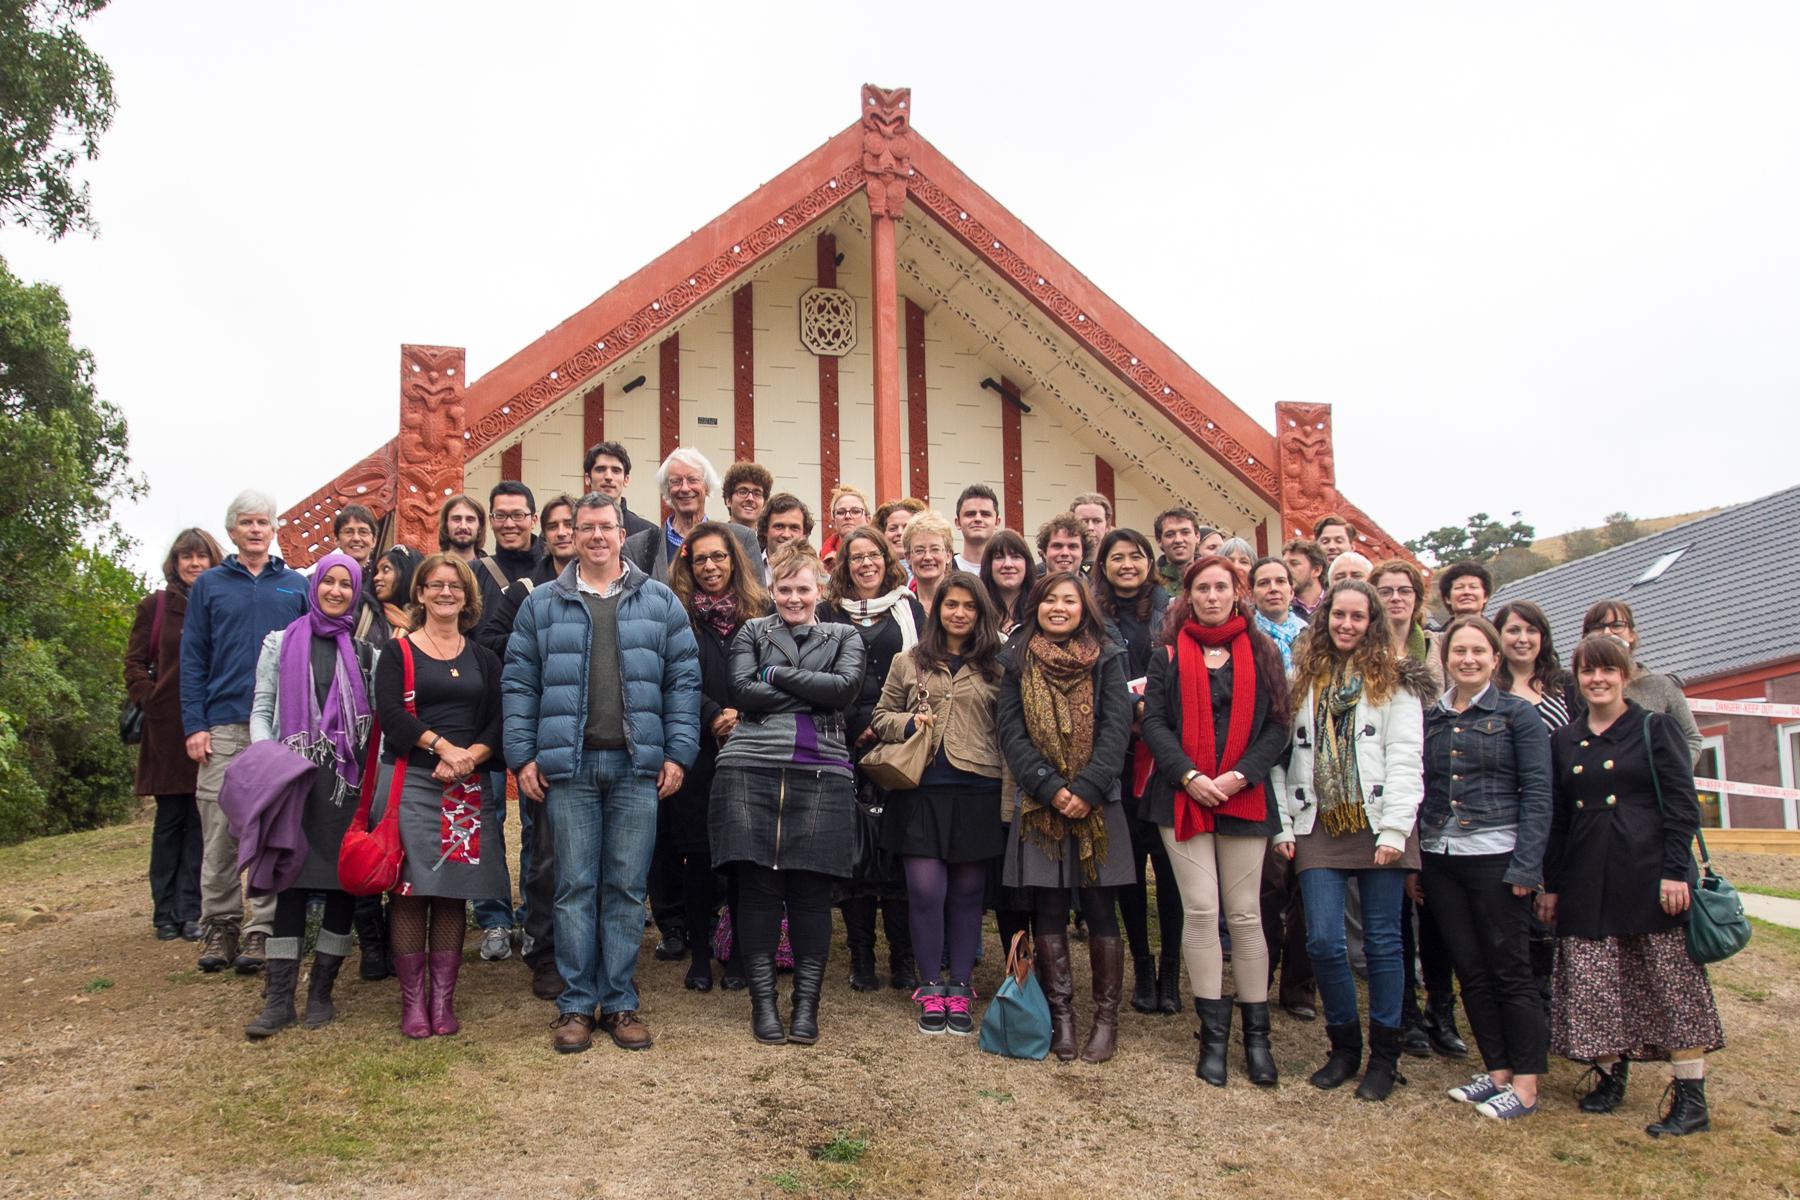 2010s   University of Otago 1869-2019